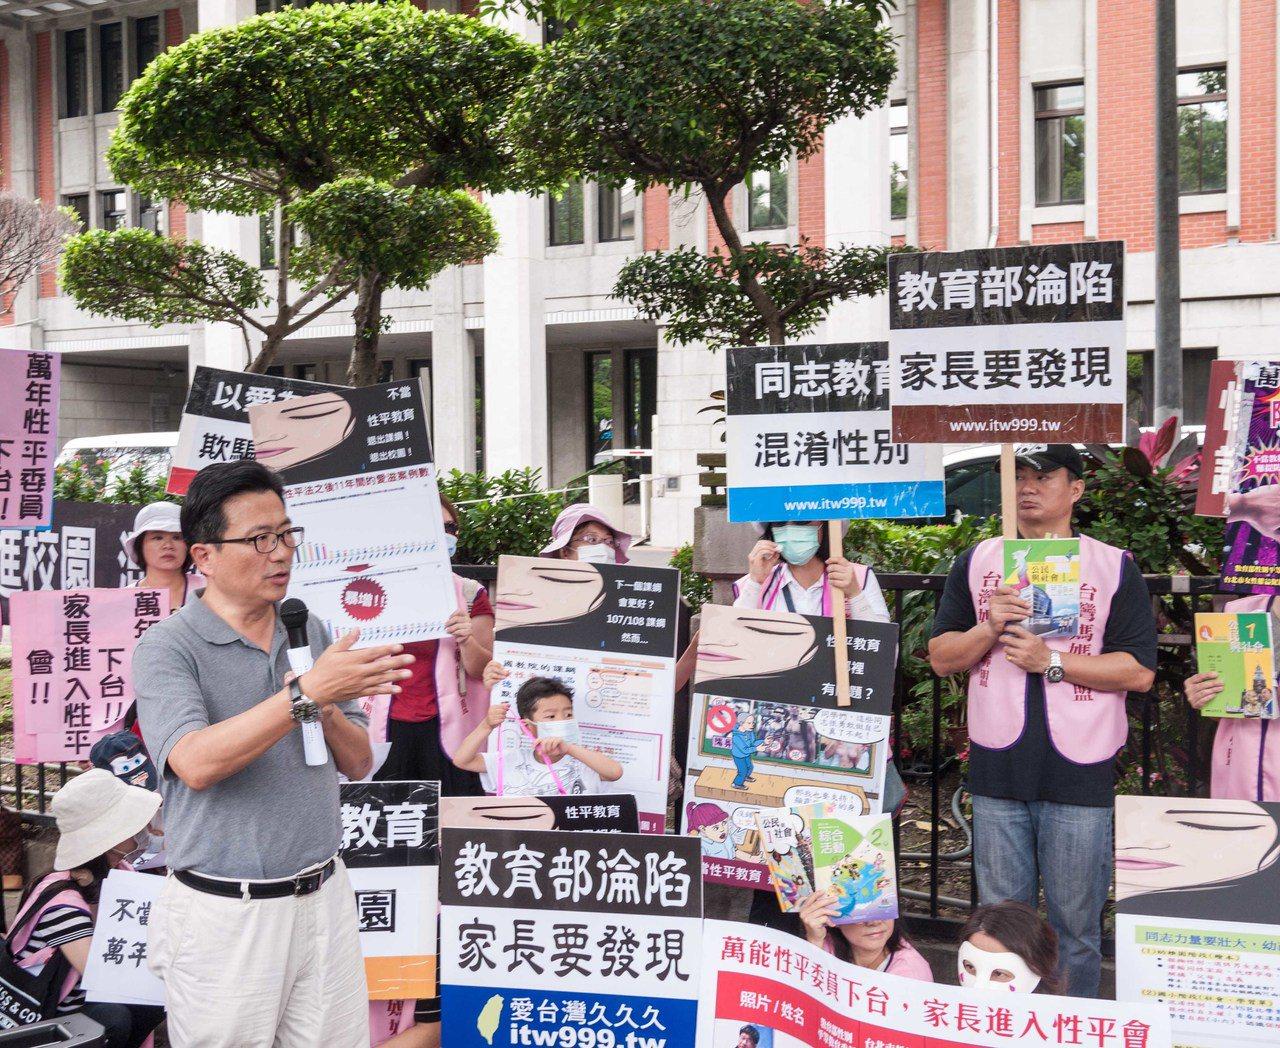 台北市議員吳世正也現身聲援媽媽盟。記者林良齊/攝影